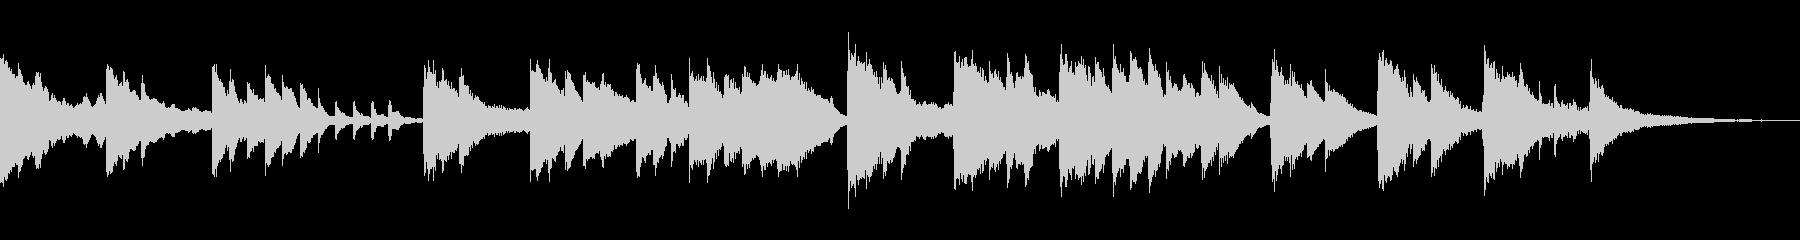 スロージャズ風ピアノバラードの未再生の波形